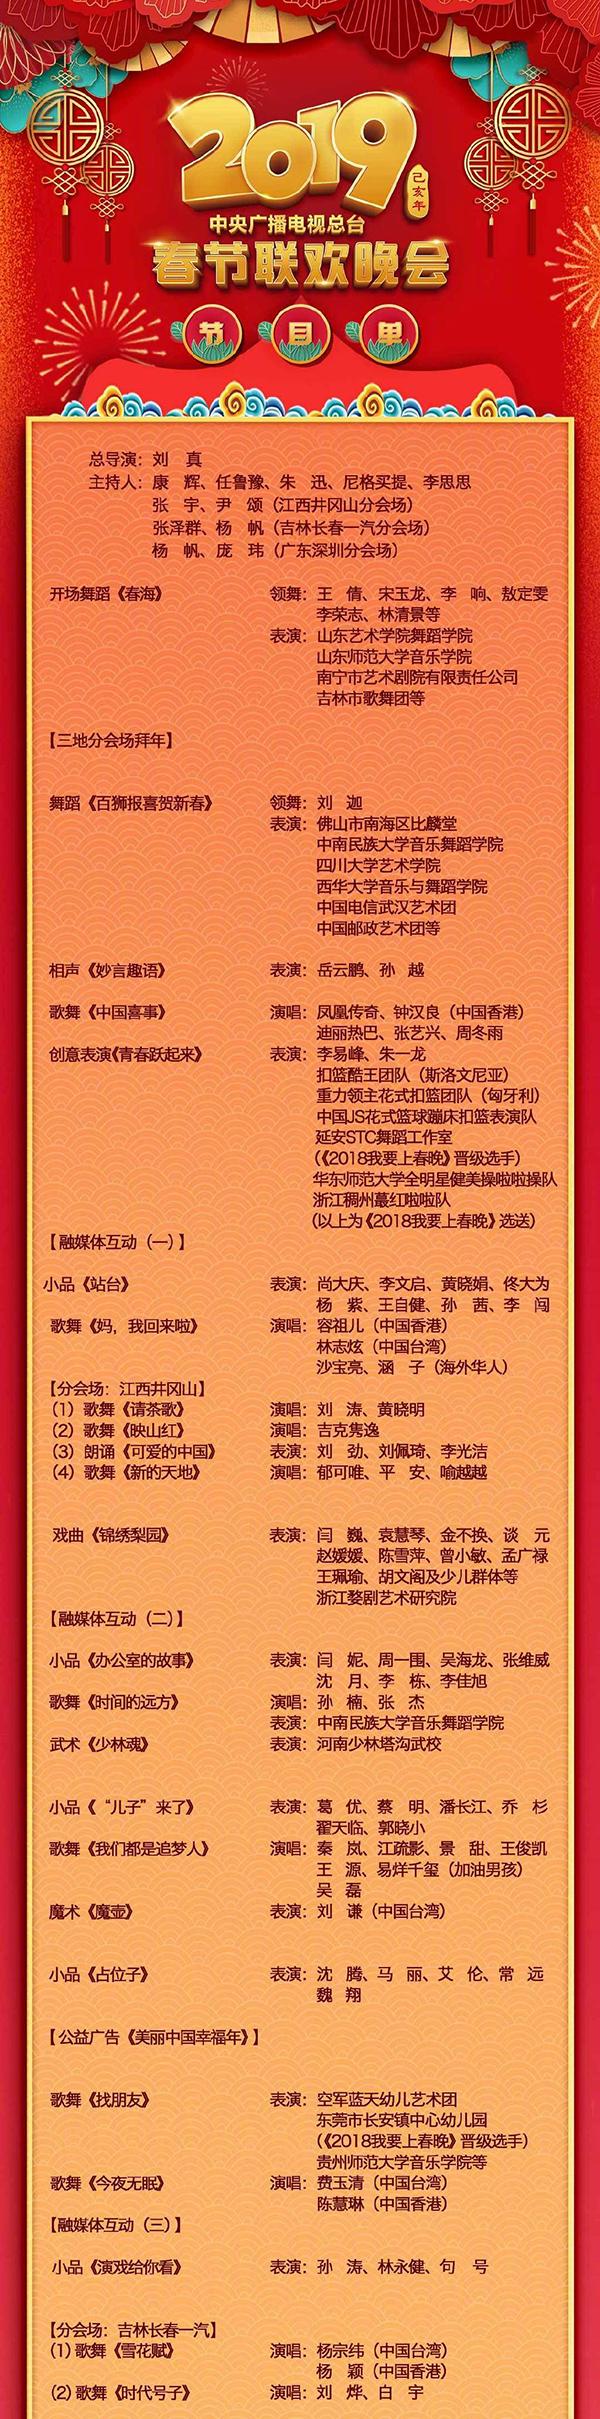 2019年春晚节目单